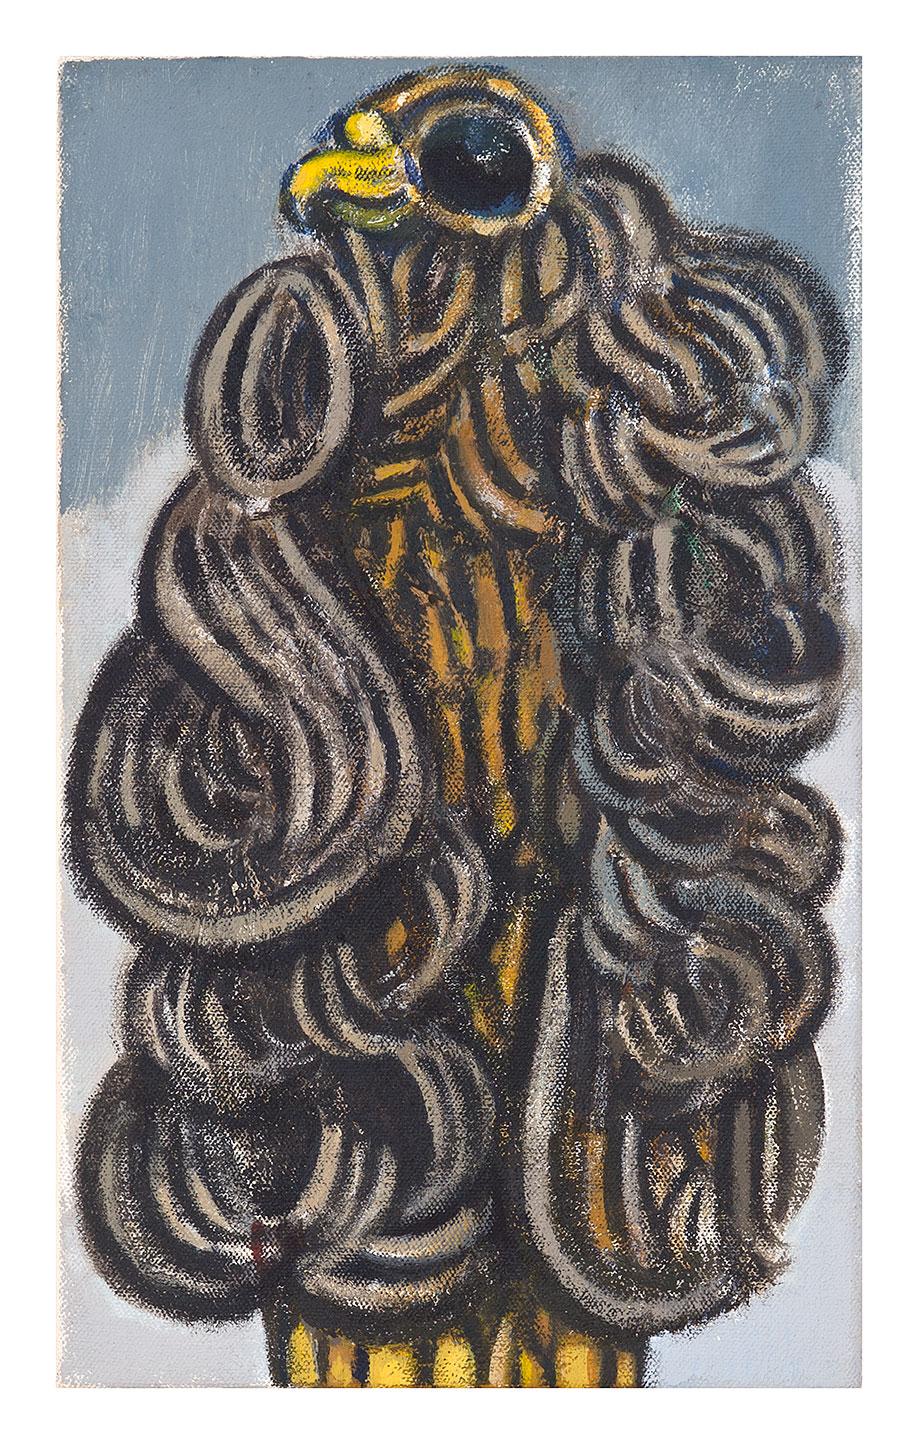 <b>Title:&nbsp;</b>Adler<br /><b>Year:&nbsp;</b>2012<br /><b>Medium:&nbsp;</b>Oil on canvas<br /><b>Size:&nbsp;</b>35.8 x 15.6 cm